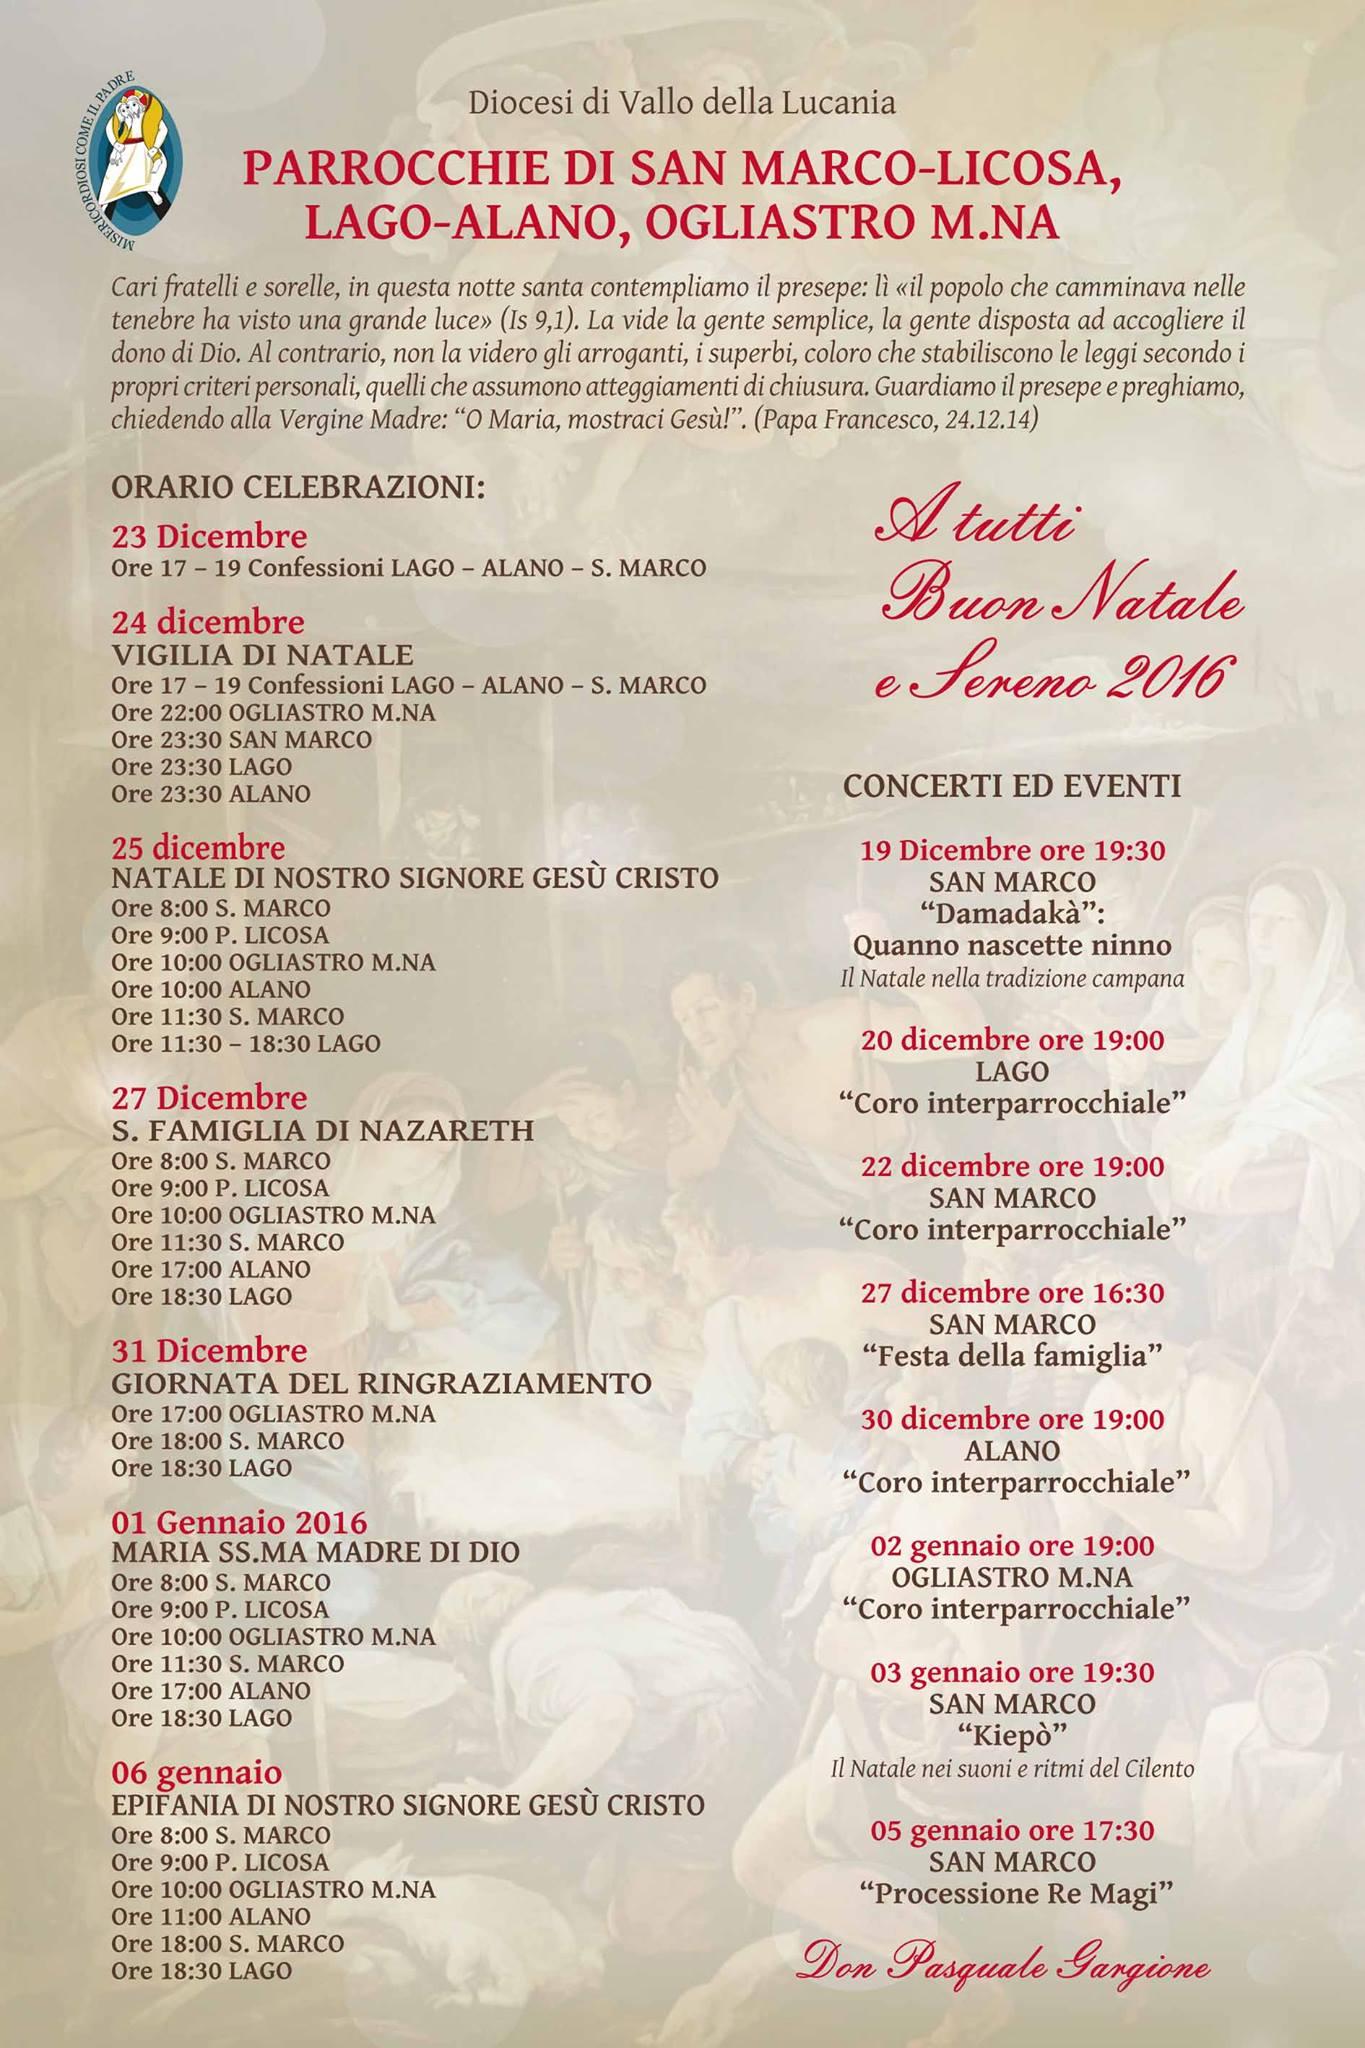 Orario celebrazioni Natale 2015 (Parrocchie di San Marco-Licosa, Lago-Alano e Ogliastro Marina)